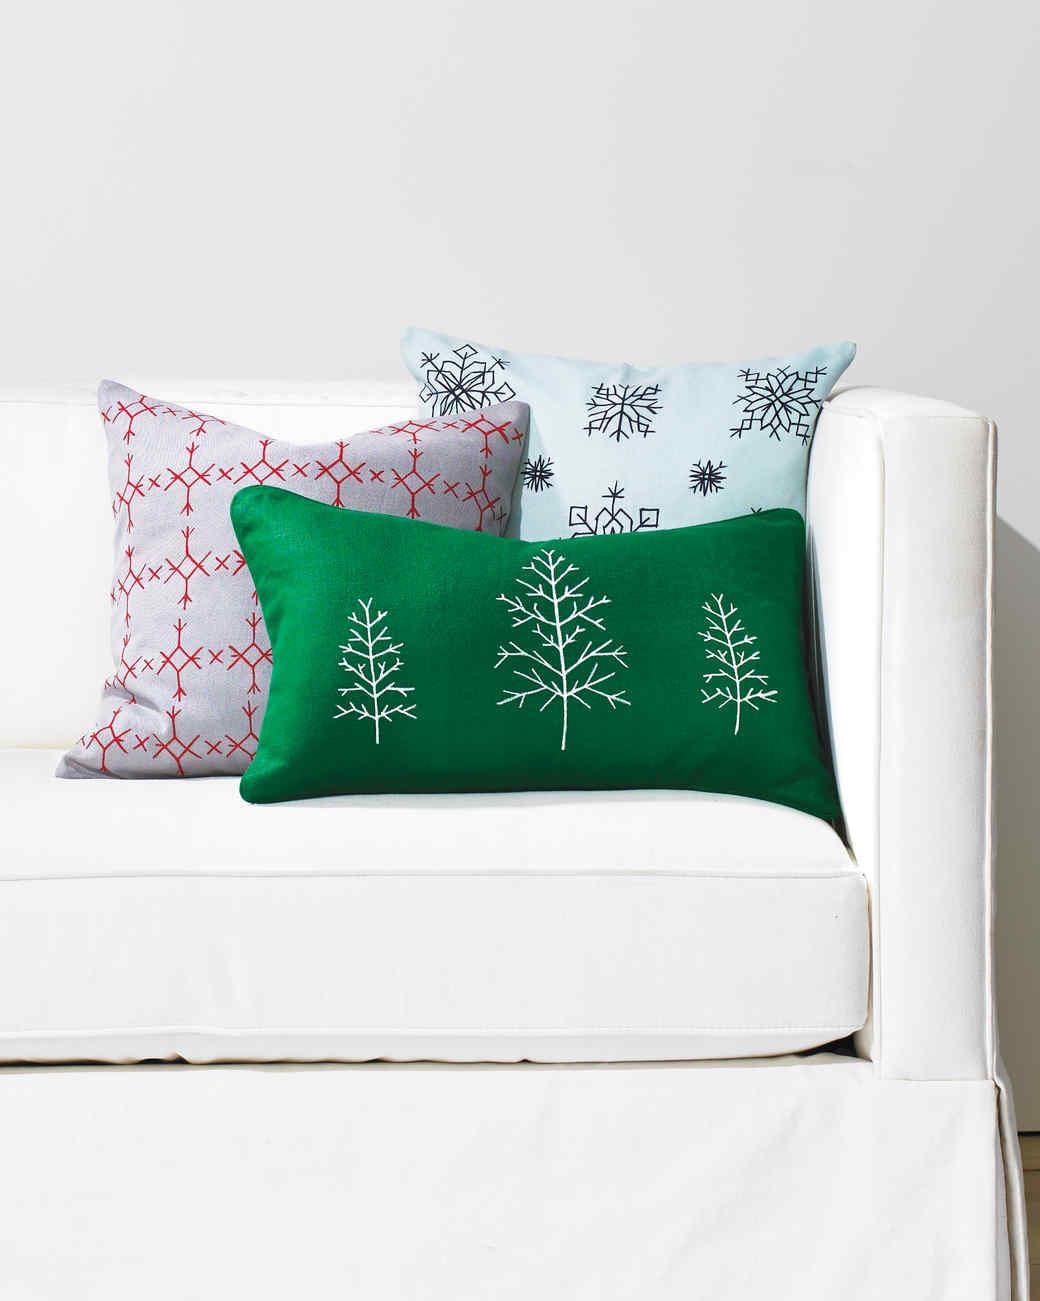 cross-stitch-pillows-326-d111491.jpg